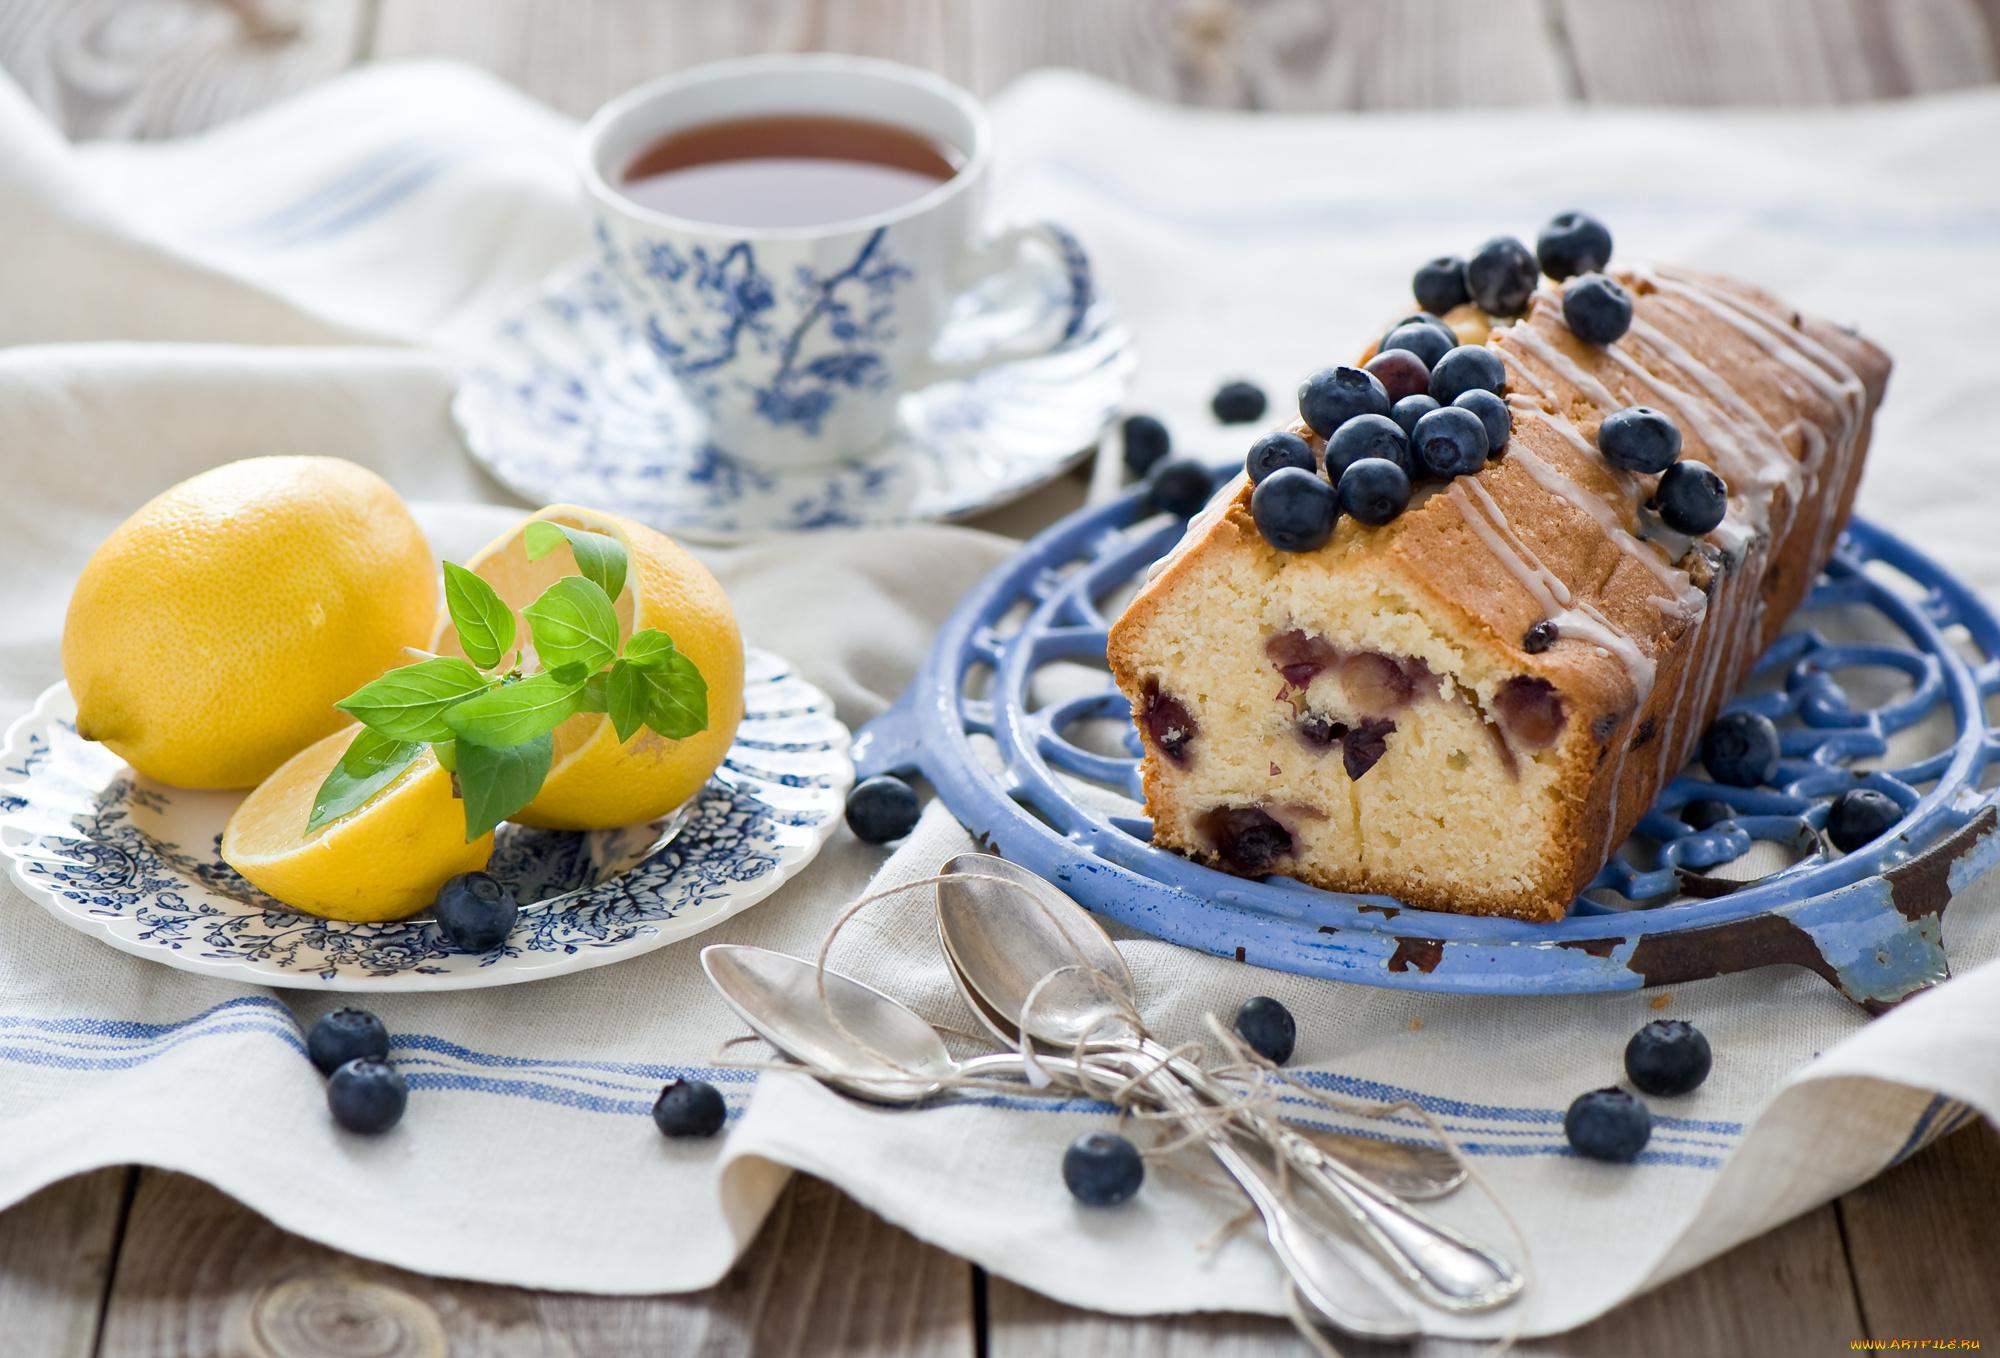 пирожные лимоны чай  № 3678255 загрузить